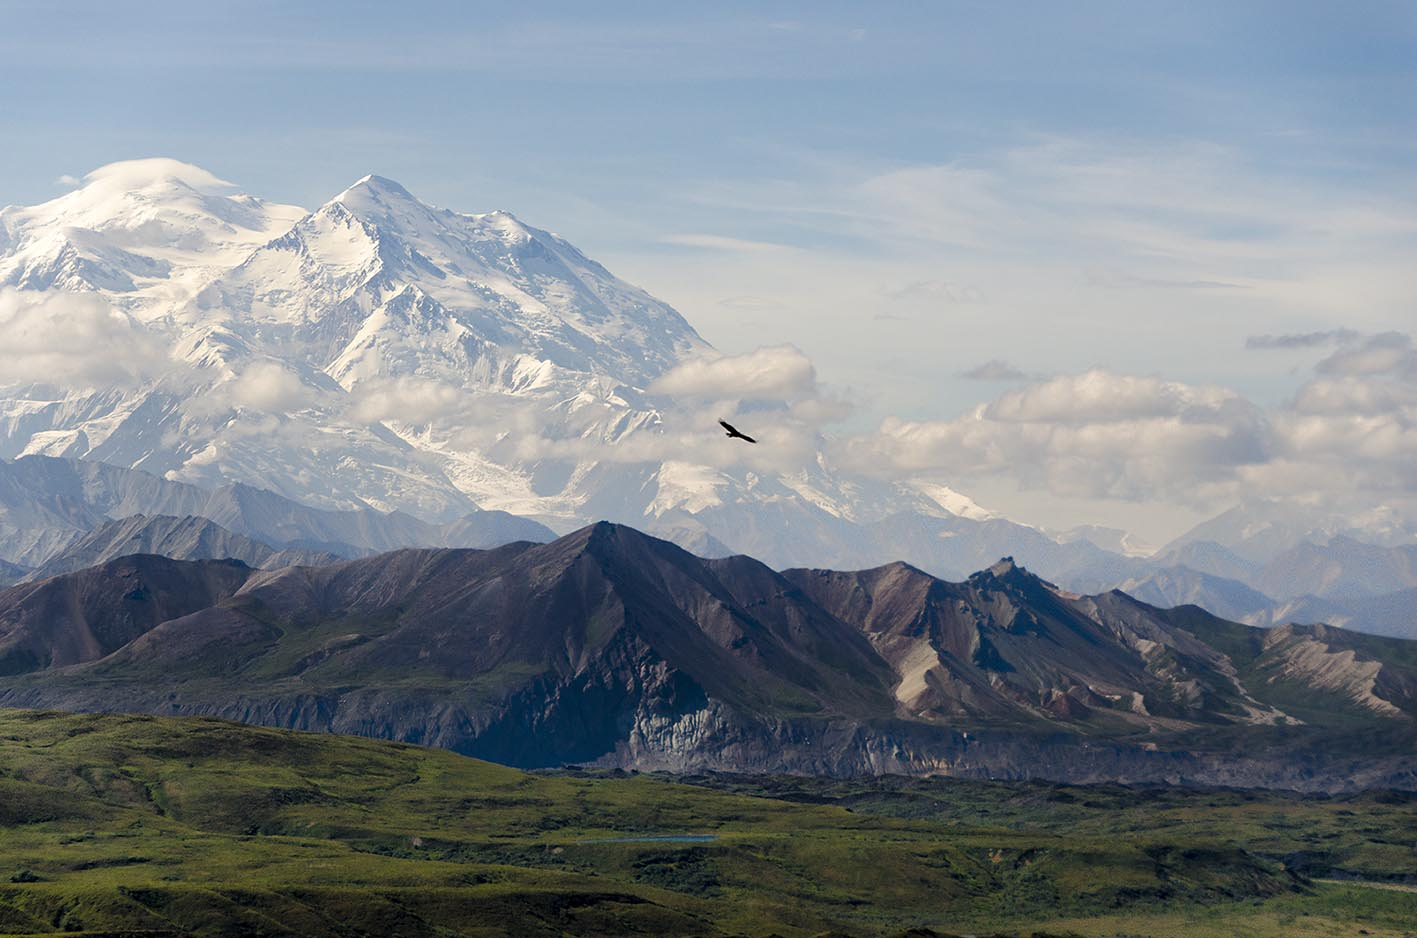 Viaje: Canoa y trekking en Alaska, verano de 2013. Descripción: En el Parque Nacional Denali (Alaska) se eleva el monte McKinley hasta casi 6200 metros sobre el nivel de mar, el más alto de América del Norte.  ¡Quién pudiera sobrevolarlo como si fuera un águila para verlo en todo su esplendor! Categoría: Mi fotaza.